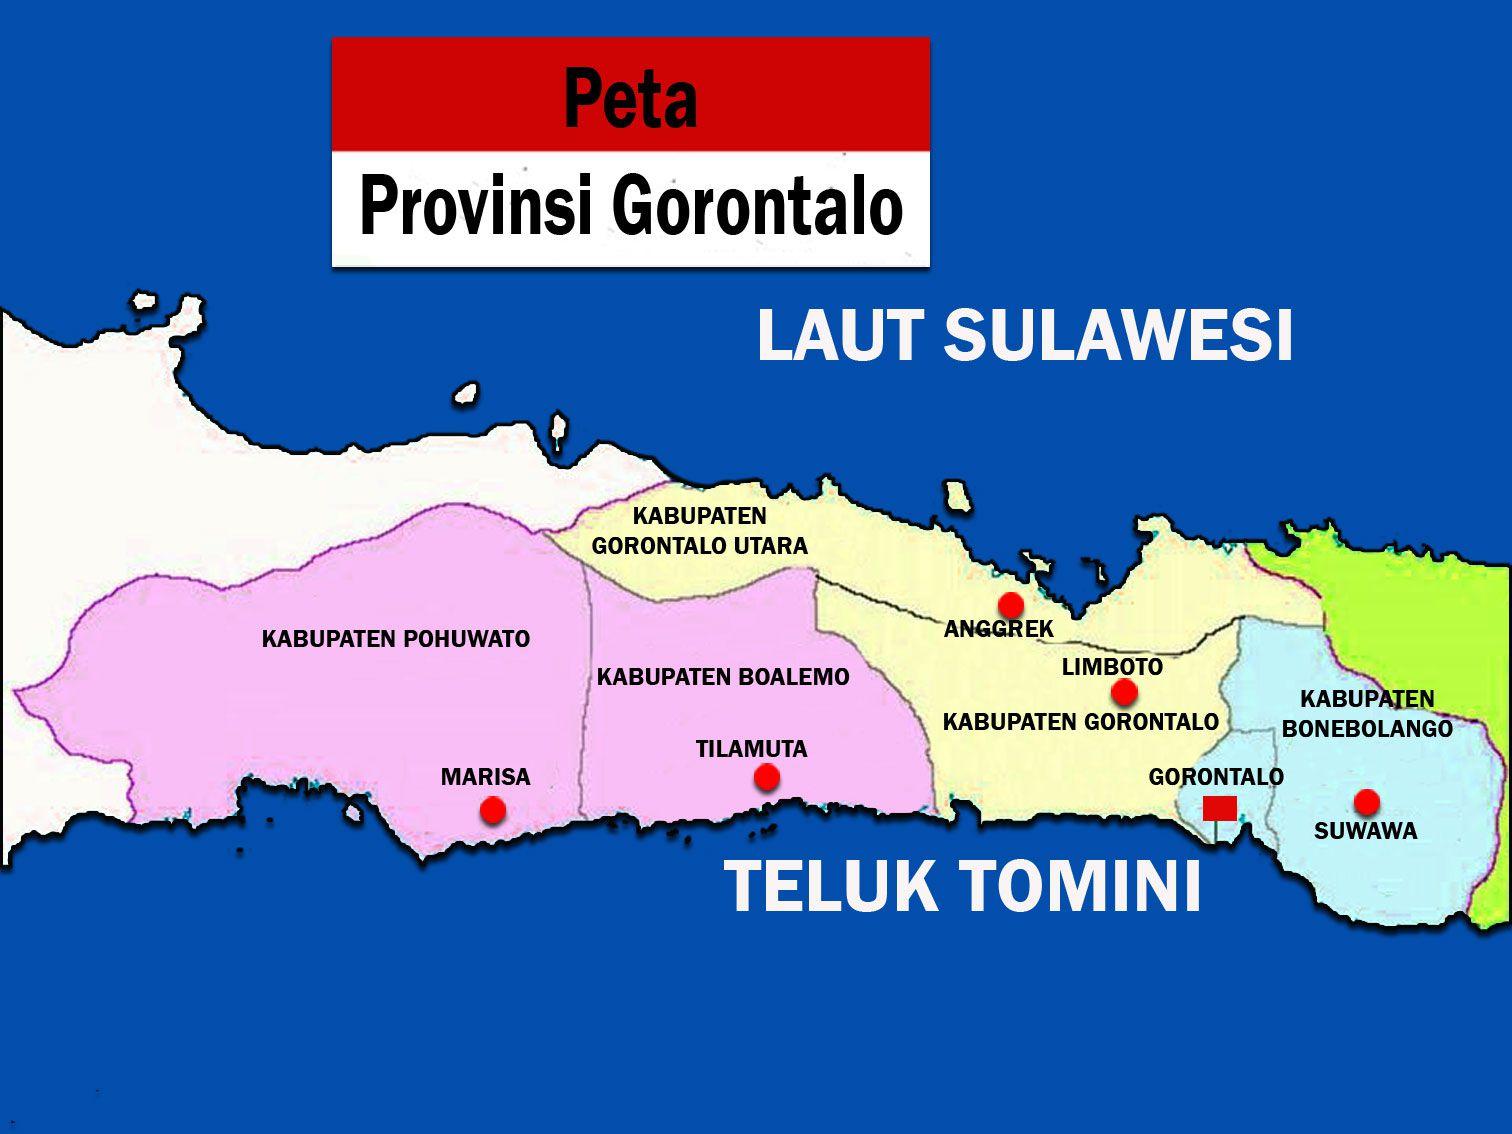 Kumpulan Tempat Wisata Gorontalo Wajib Dikunjungi Gambar Peta Lengkap Terbaru